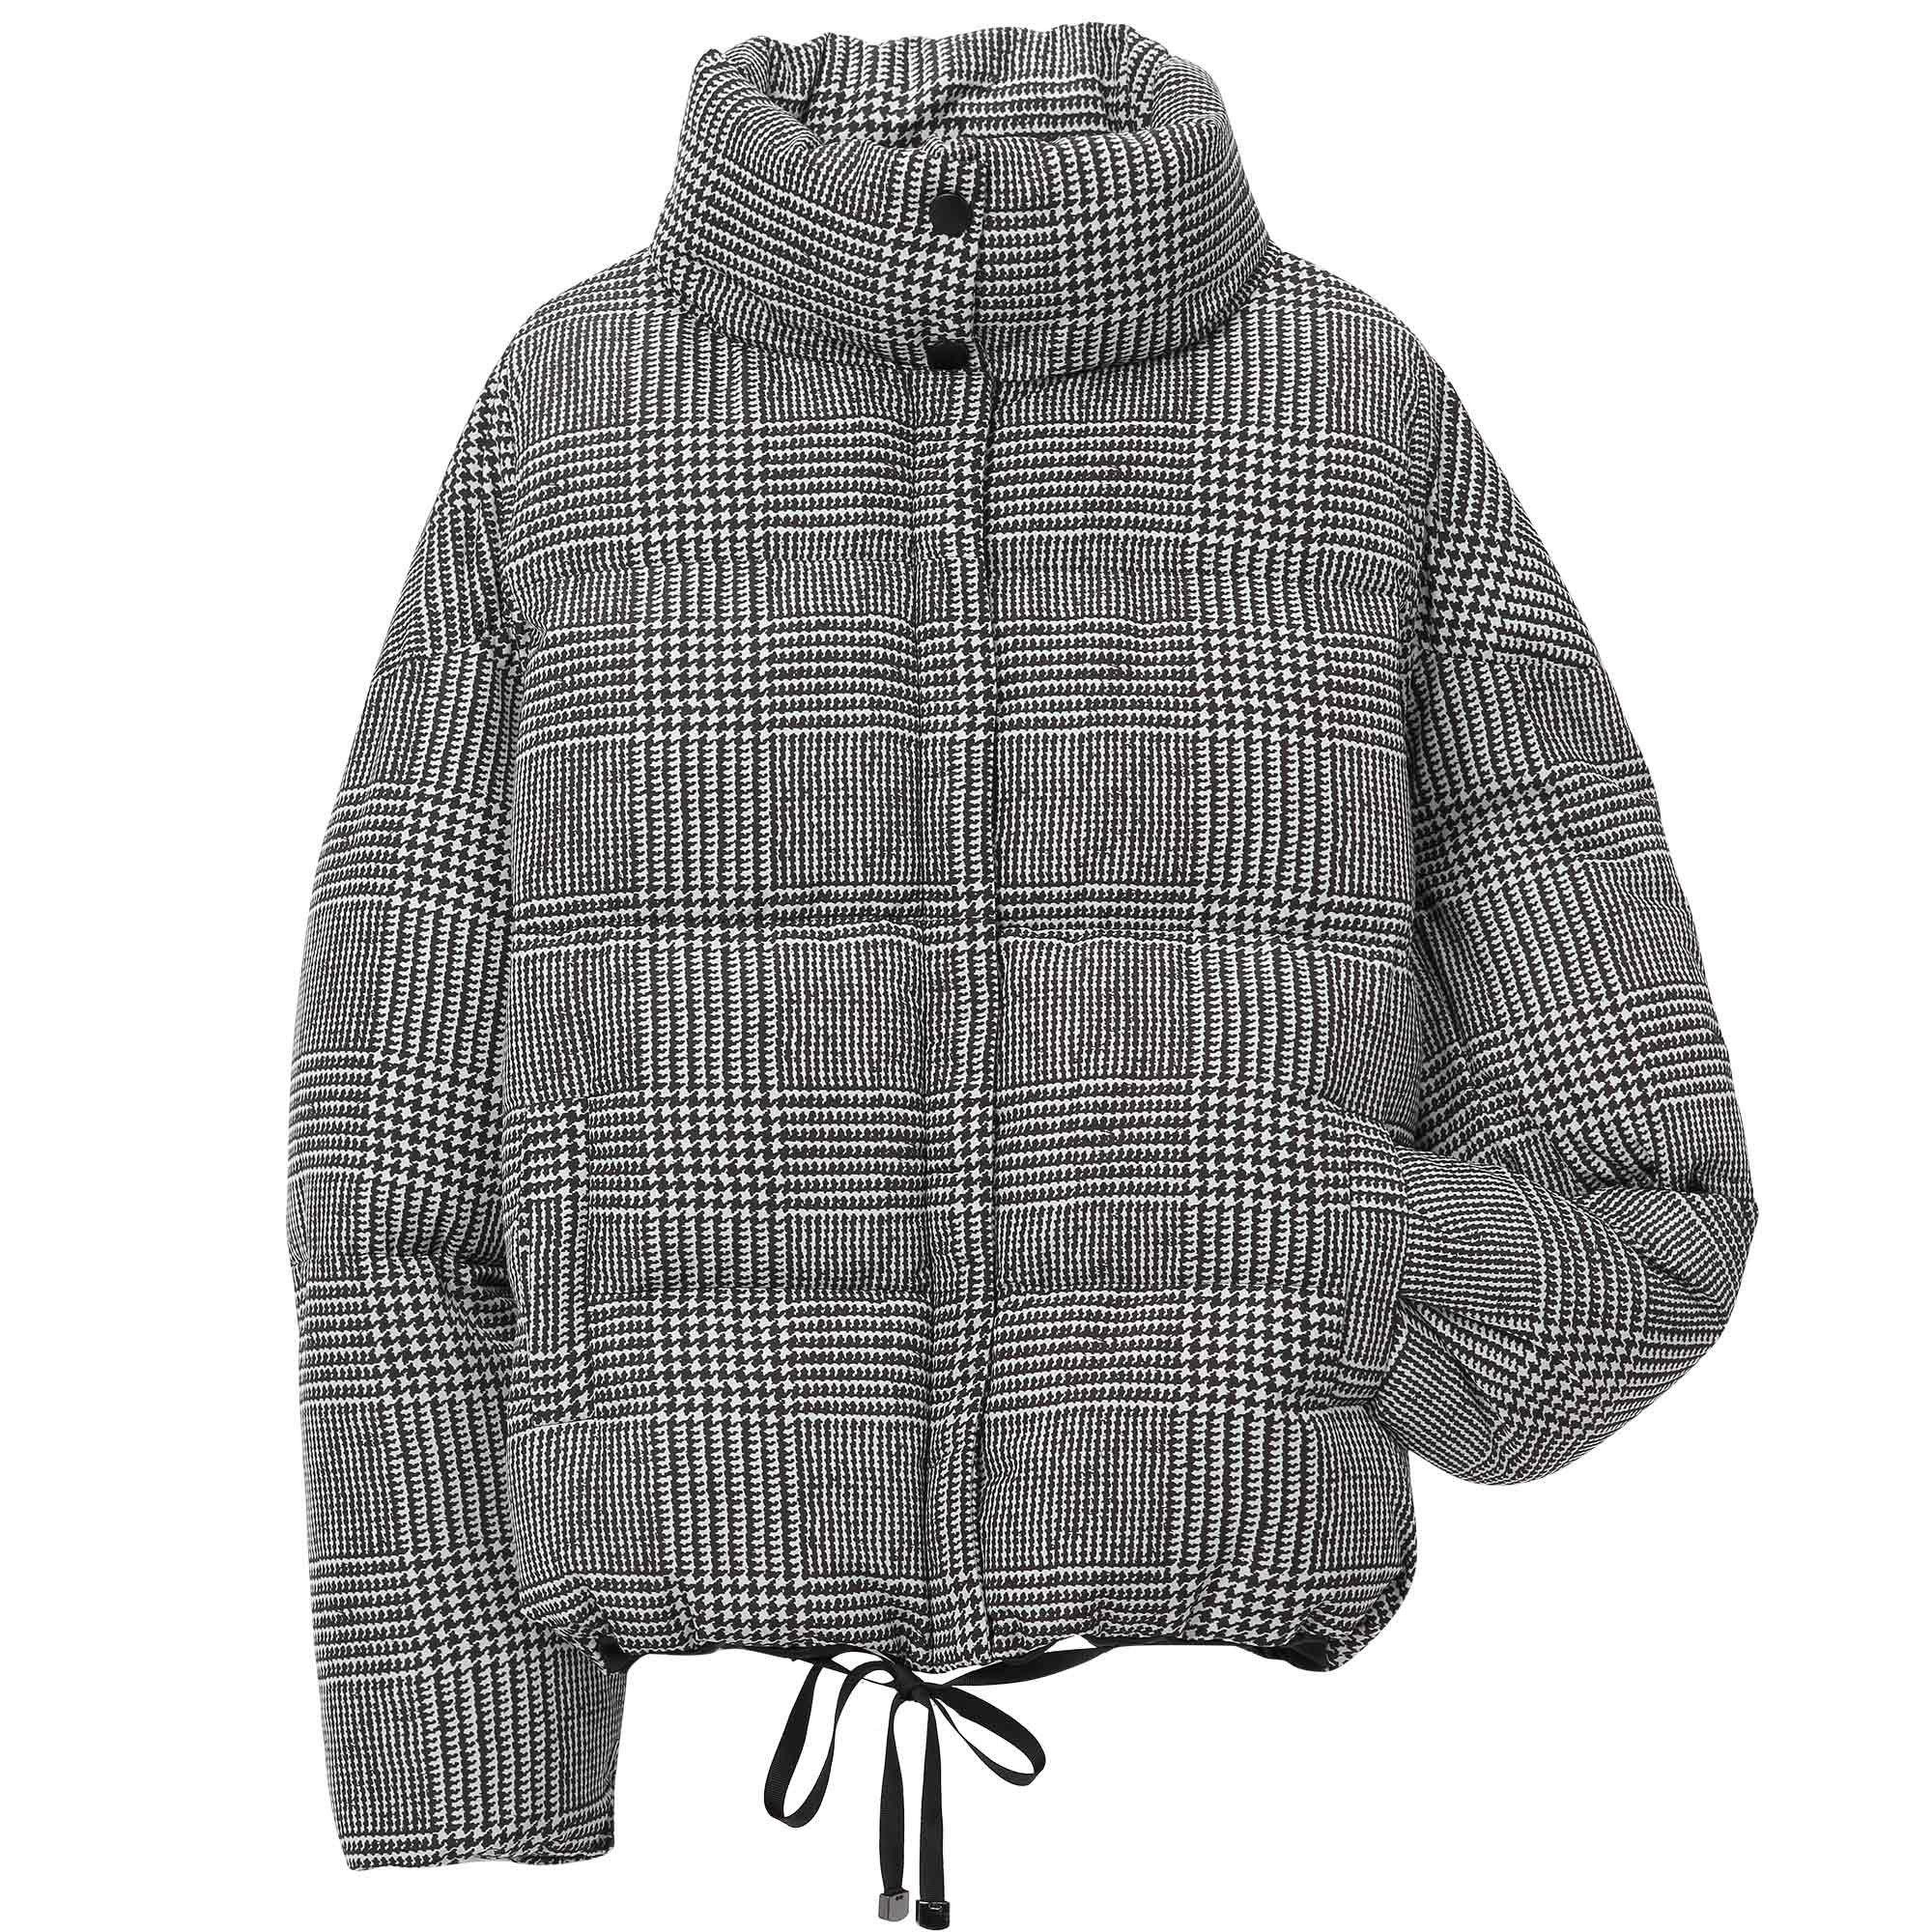 45 manteaux tendance automne hiver 2019 2020   Vestes et